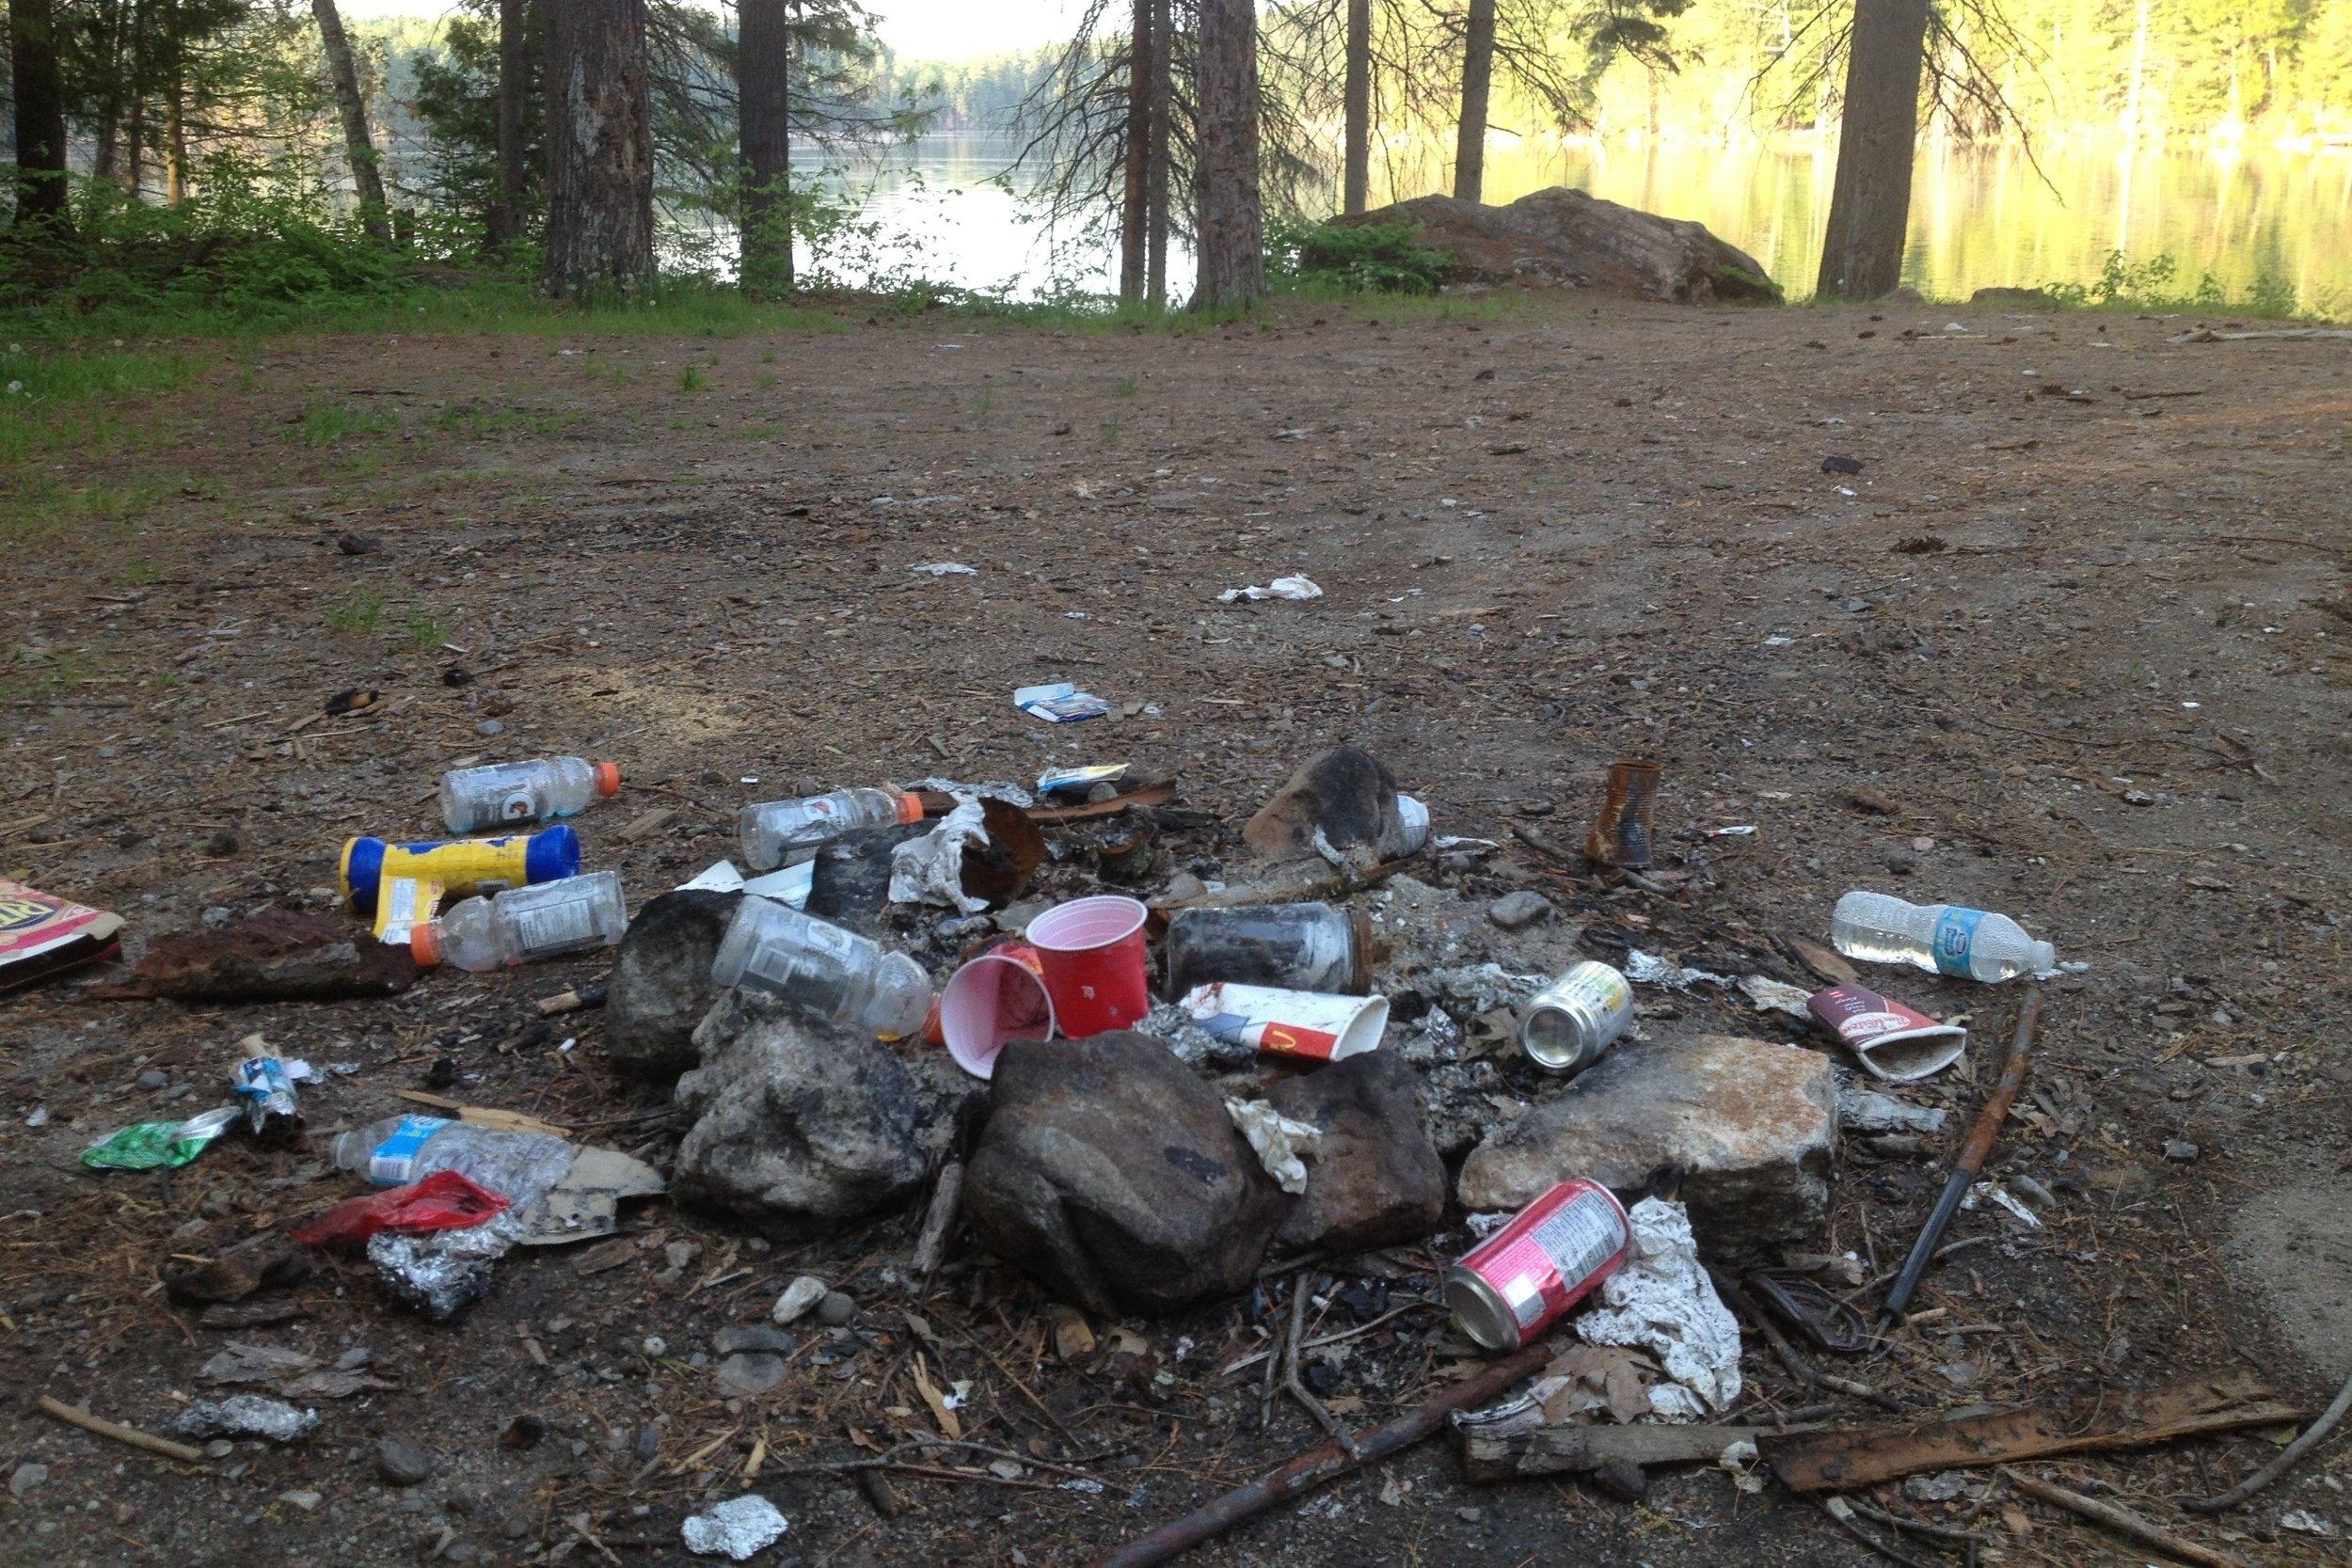 Trash at a camp spot